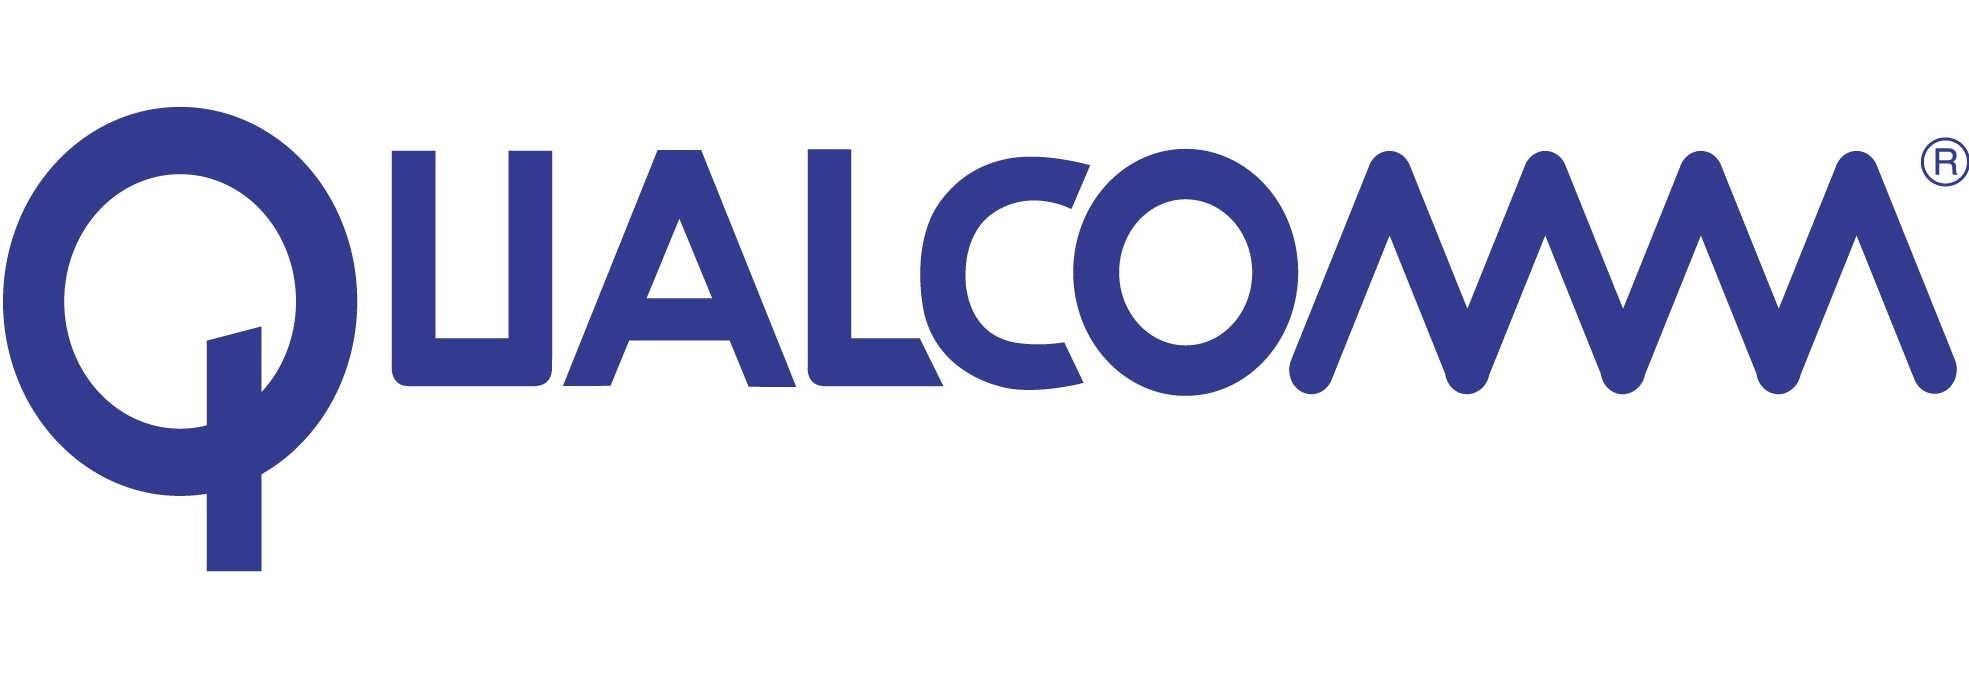 Mudanças no mercado levaram a Qualcoom a fabricar processadores